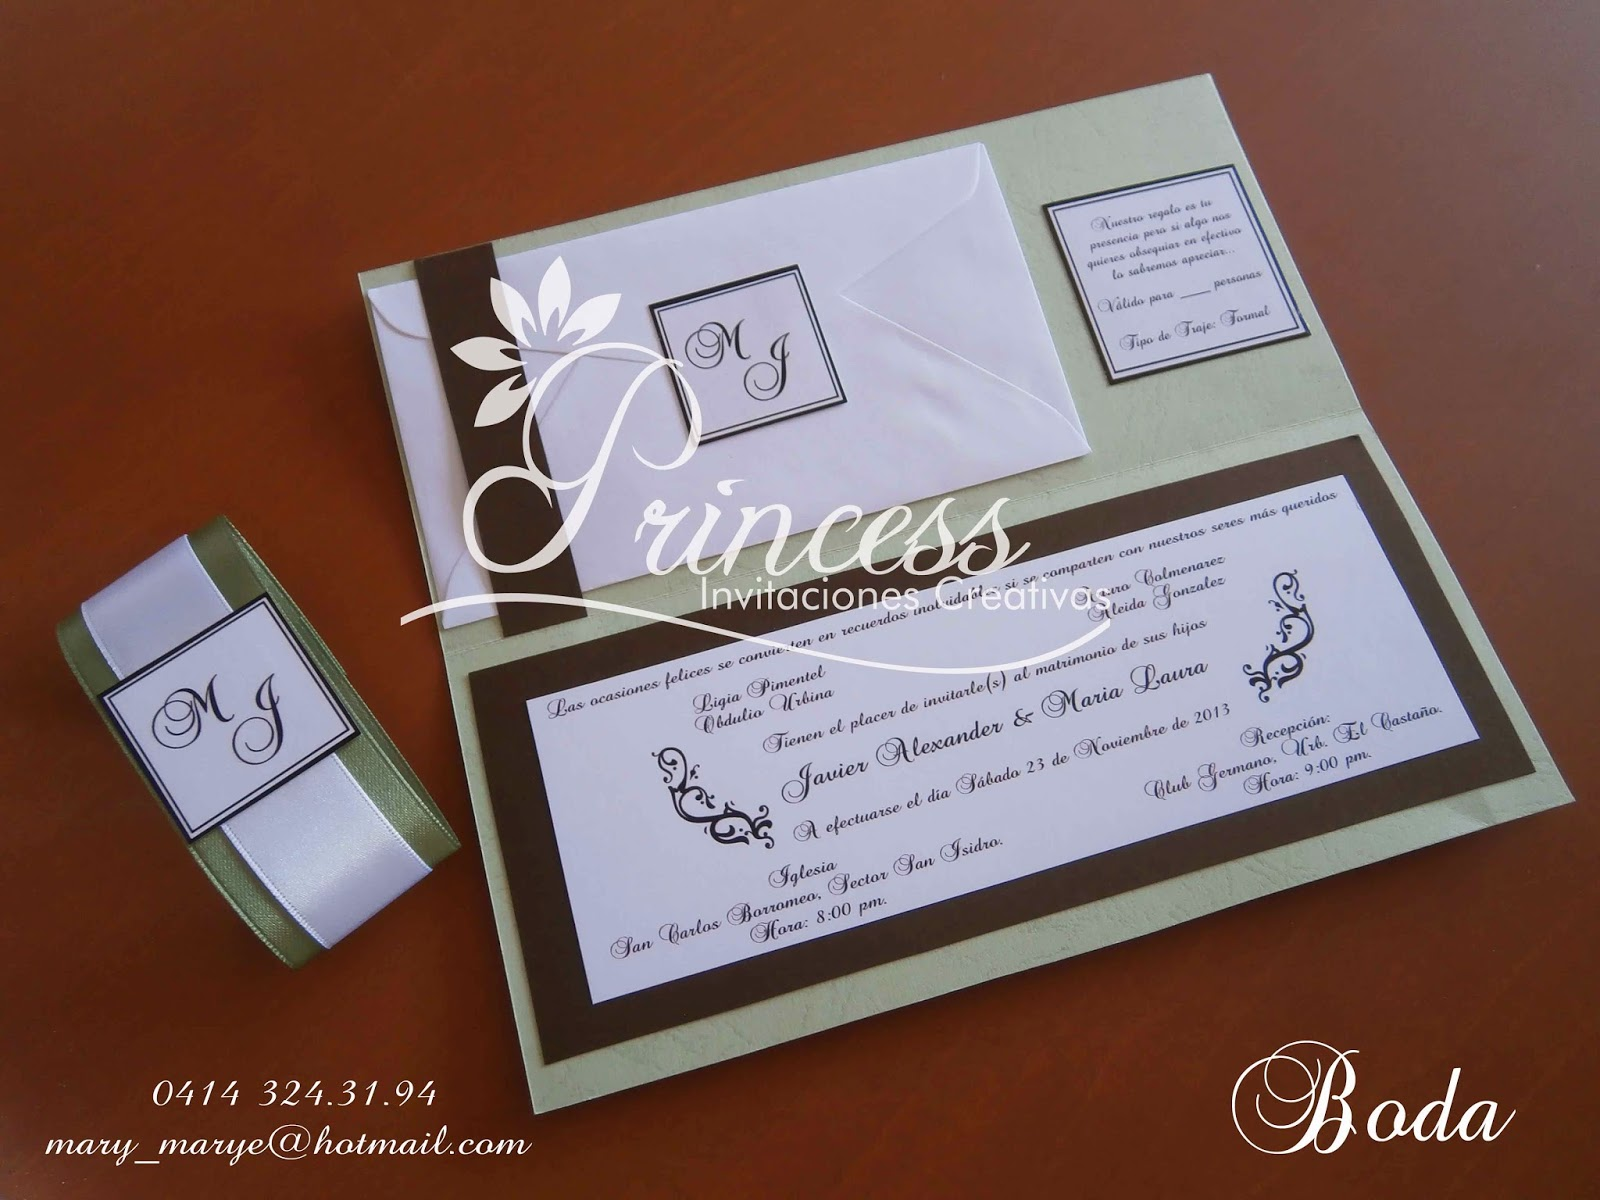 estas fueron realizadas para la boda de nuestra clienta mara laura llena de mucha sobriedad y elegancia contienen el sobre